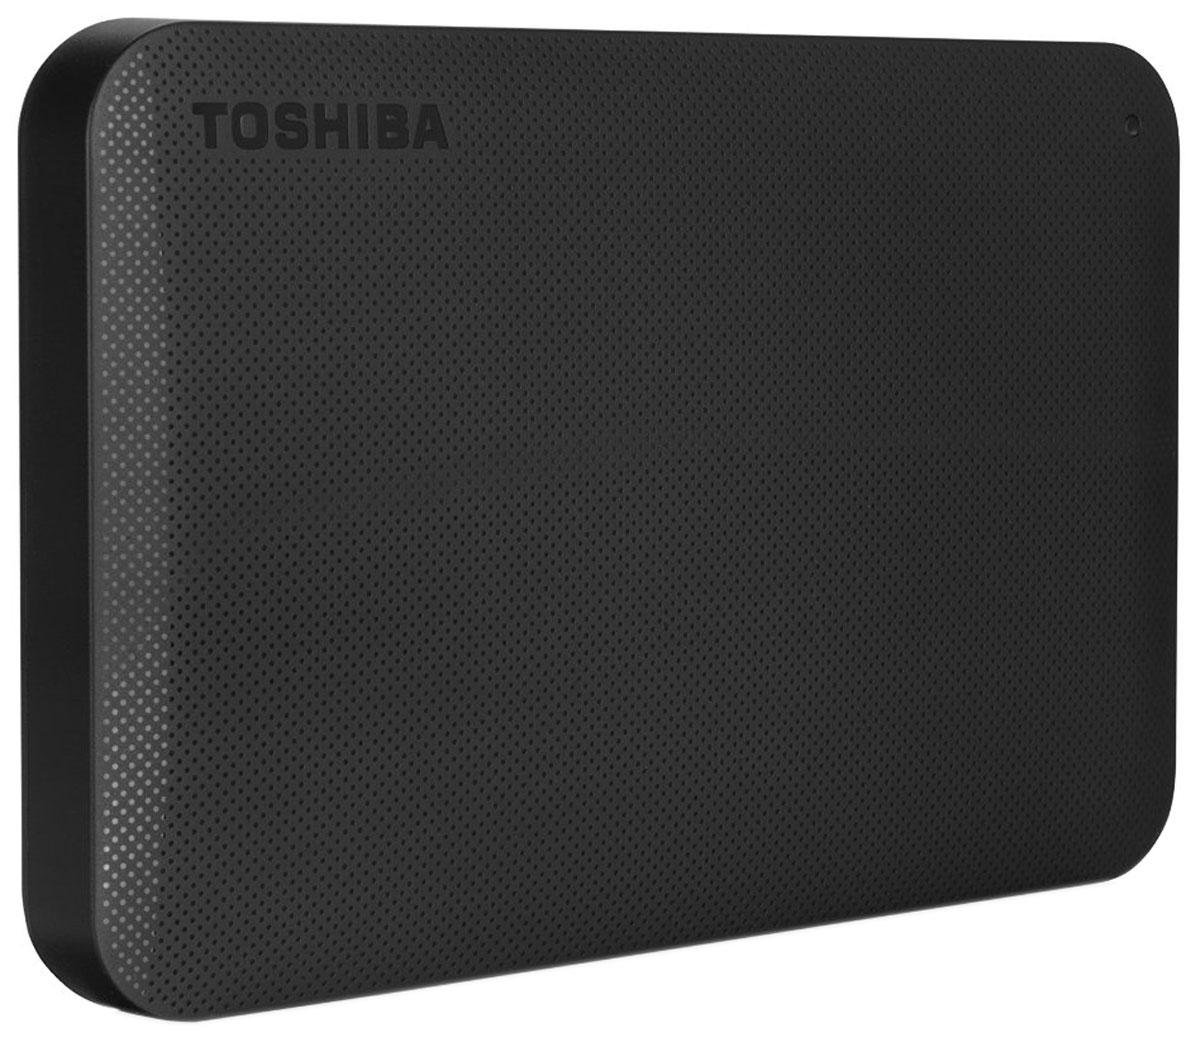 Toshiba Canvio Ready 2TB, Black внешний жесткий диск (HDTP220EK3CA)HDTP220EK3CAВнешний жесткий диск Toshiba Canvio Ready отличается высокими показателями по быстроте деятельности. Практически в течение считанных мгновений у вас появятся доступы к интересующим информационным данным. Такой результат достигается за счет эффективности действия интерфейса USB 3.0. Теперь вы сможете вести запись данных на скорости, равной 5 Гбит/с, что позволит копировать большие файлы в кратчайшие сроки. Обратная совместимость с интерфейсом USB 2.0 гарантирует стабильную работу с оборудованием предыдущего поколения: при помощи Canvio Ready удобно переносить информацию со старого компьютера на новый. Пропускная способность интерфейса: 5 Гбит/сек Поддержка ОС: Windows 10, Windows 8, Windows 7